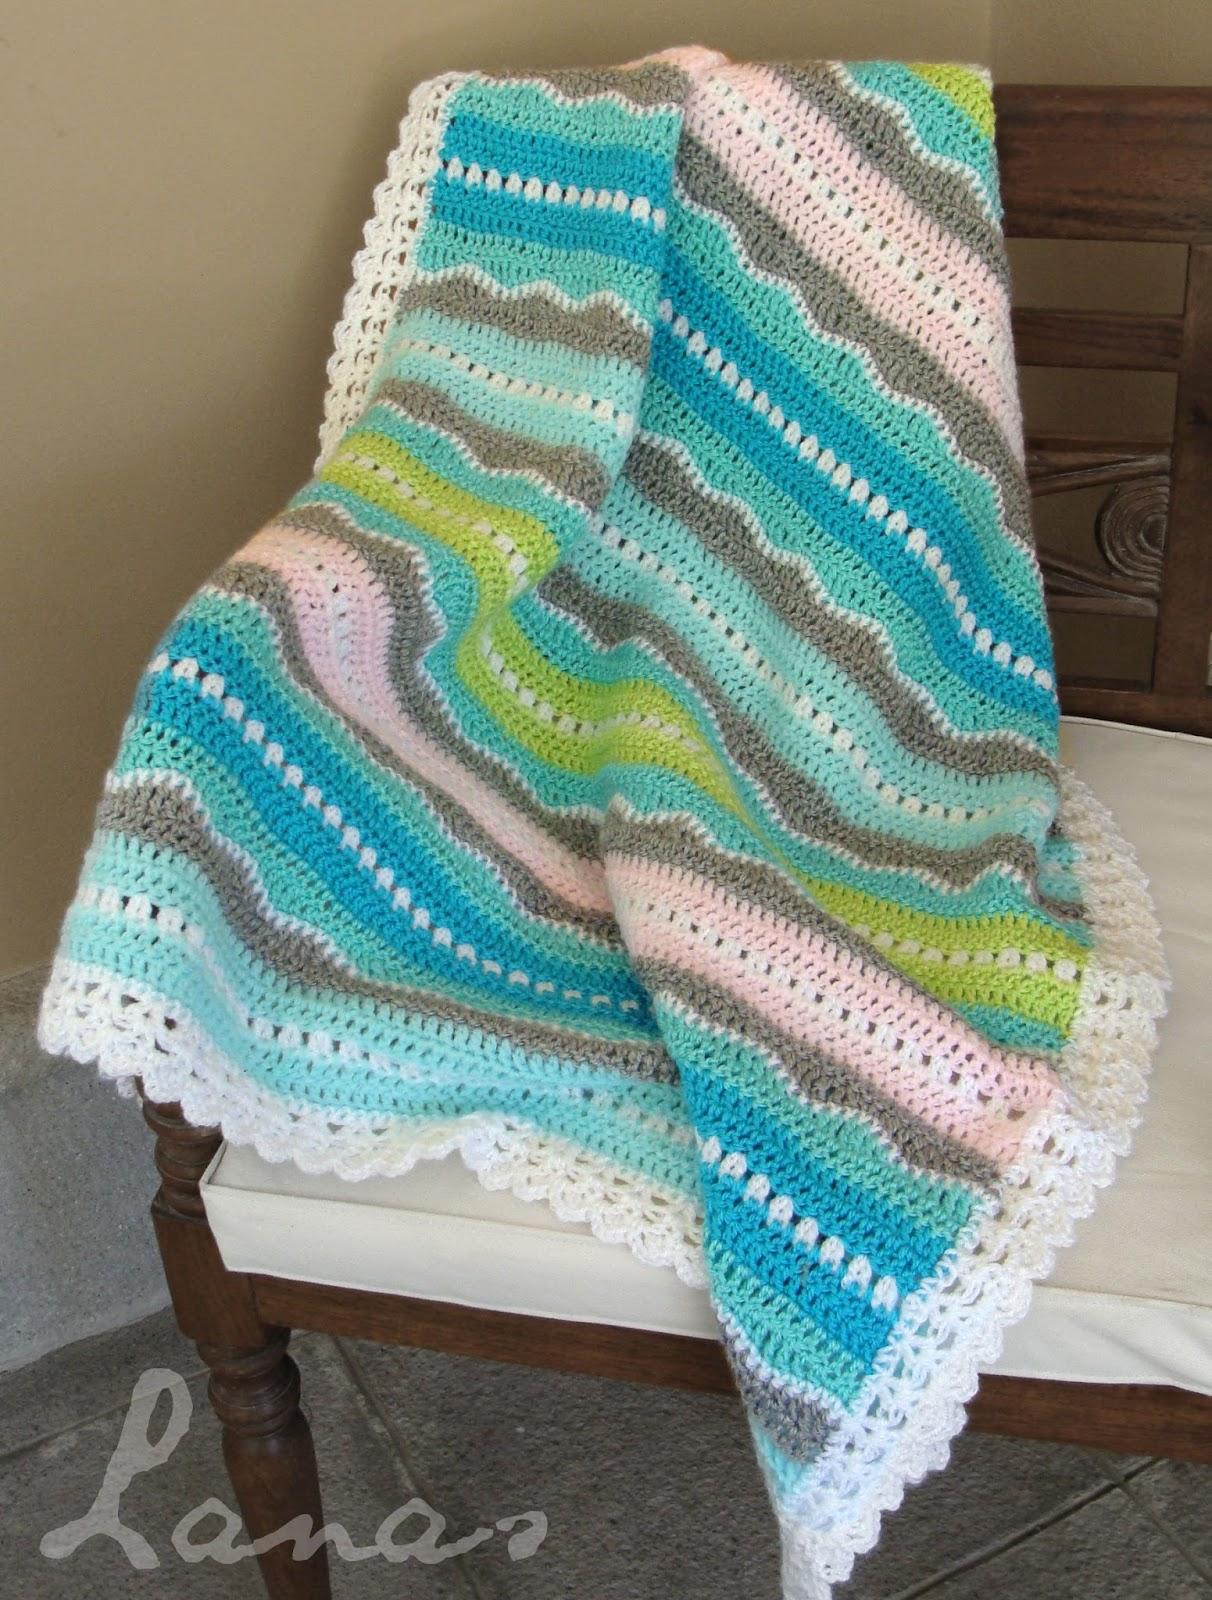 lanas de ana baby blanket sweet ocean breeze. Black Bedroom Furniture Sets. Home Design Ideas